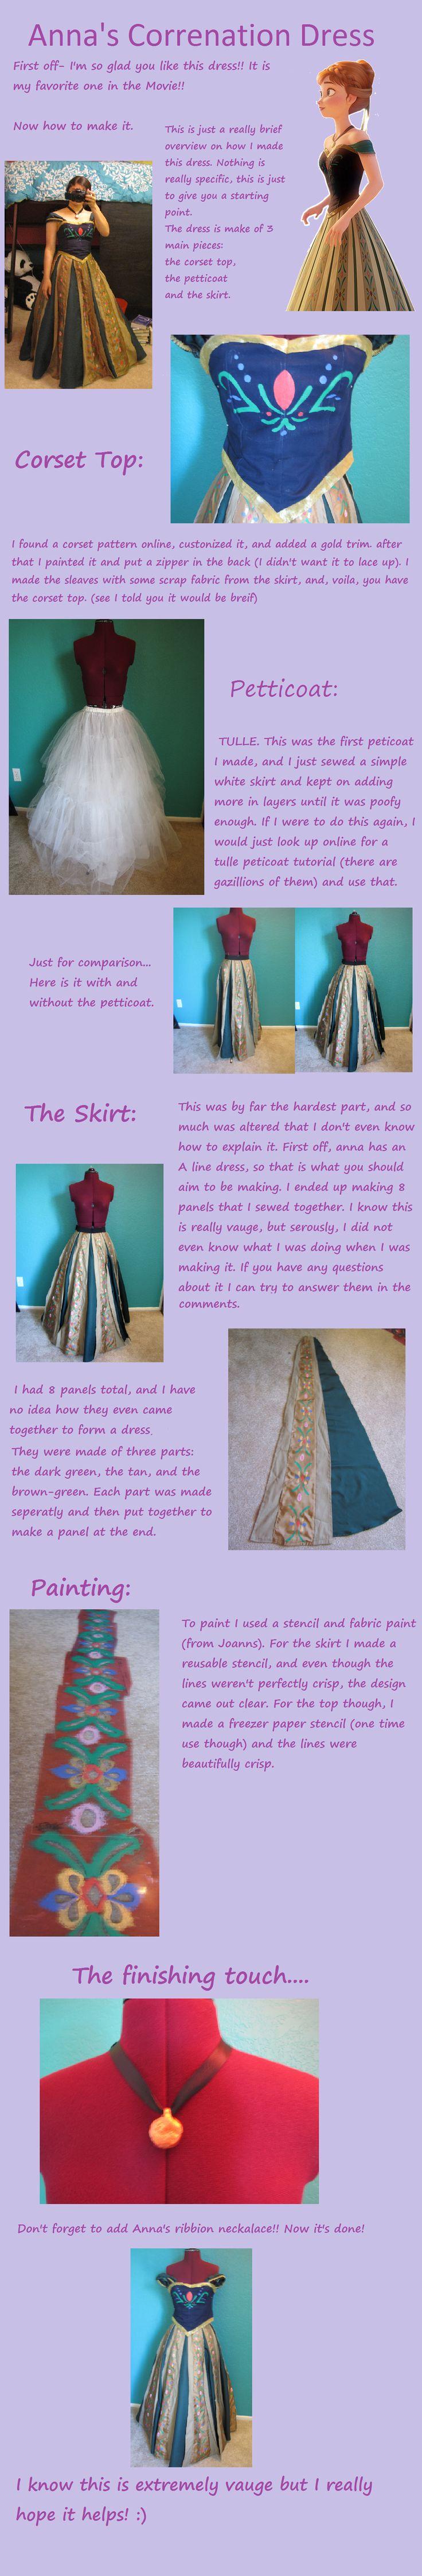 Frozen: Anna Coronation Dress Overview/Tutorial by BooksArtDance.deviantart.com on @deviantART